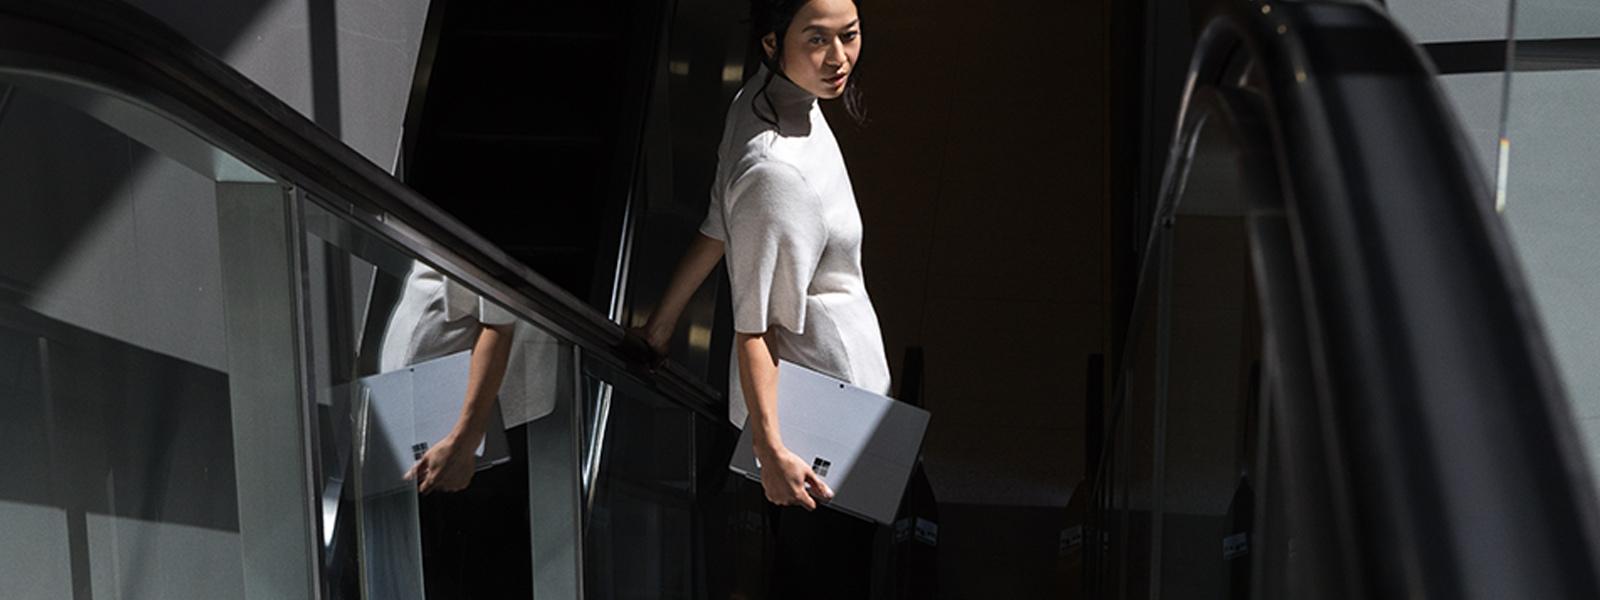 Kvinde holder en Surface Pro på vej ned ad en rulletrappe.